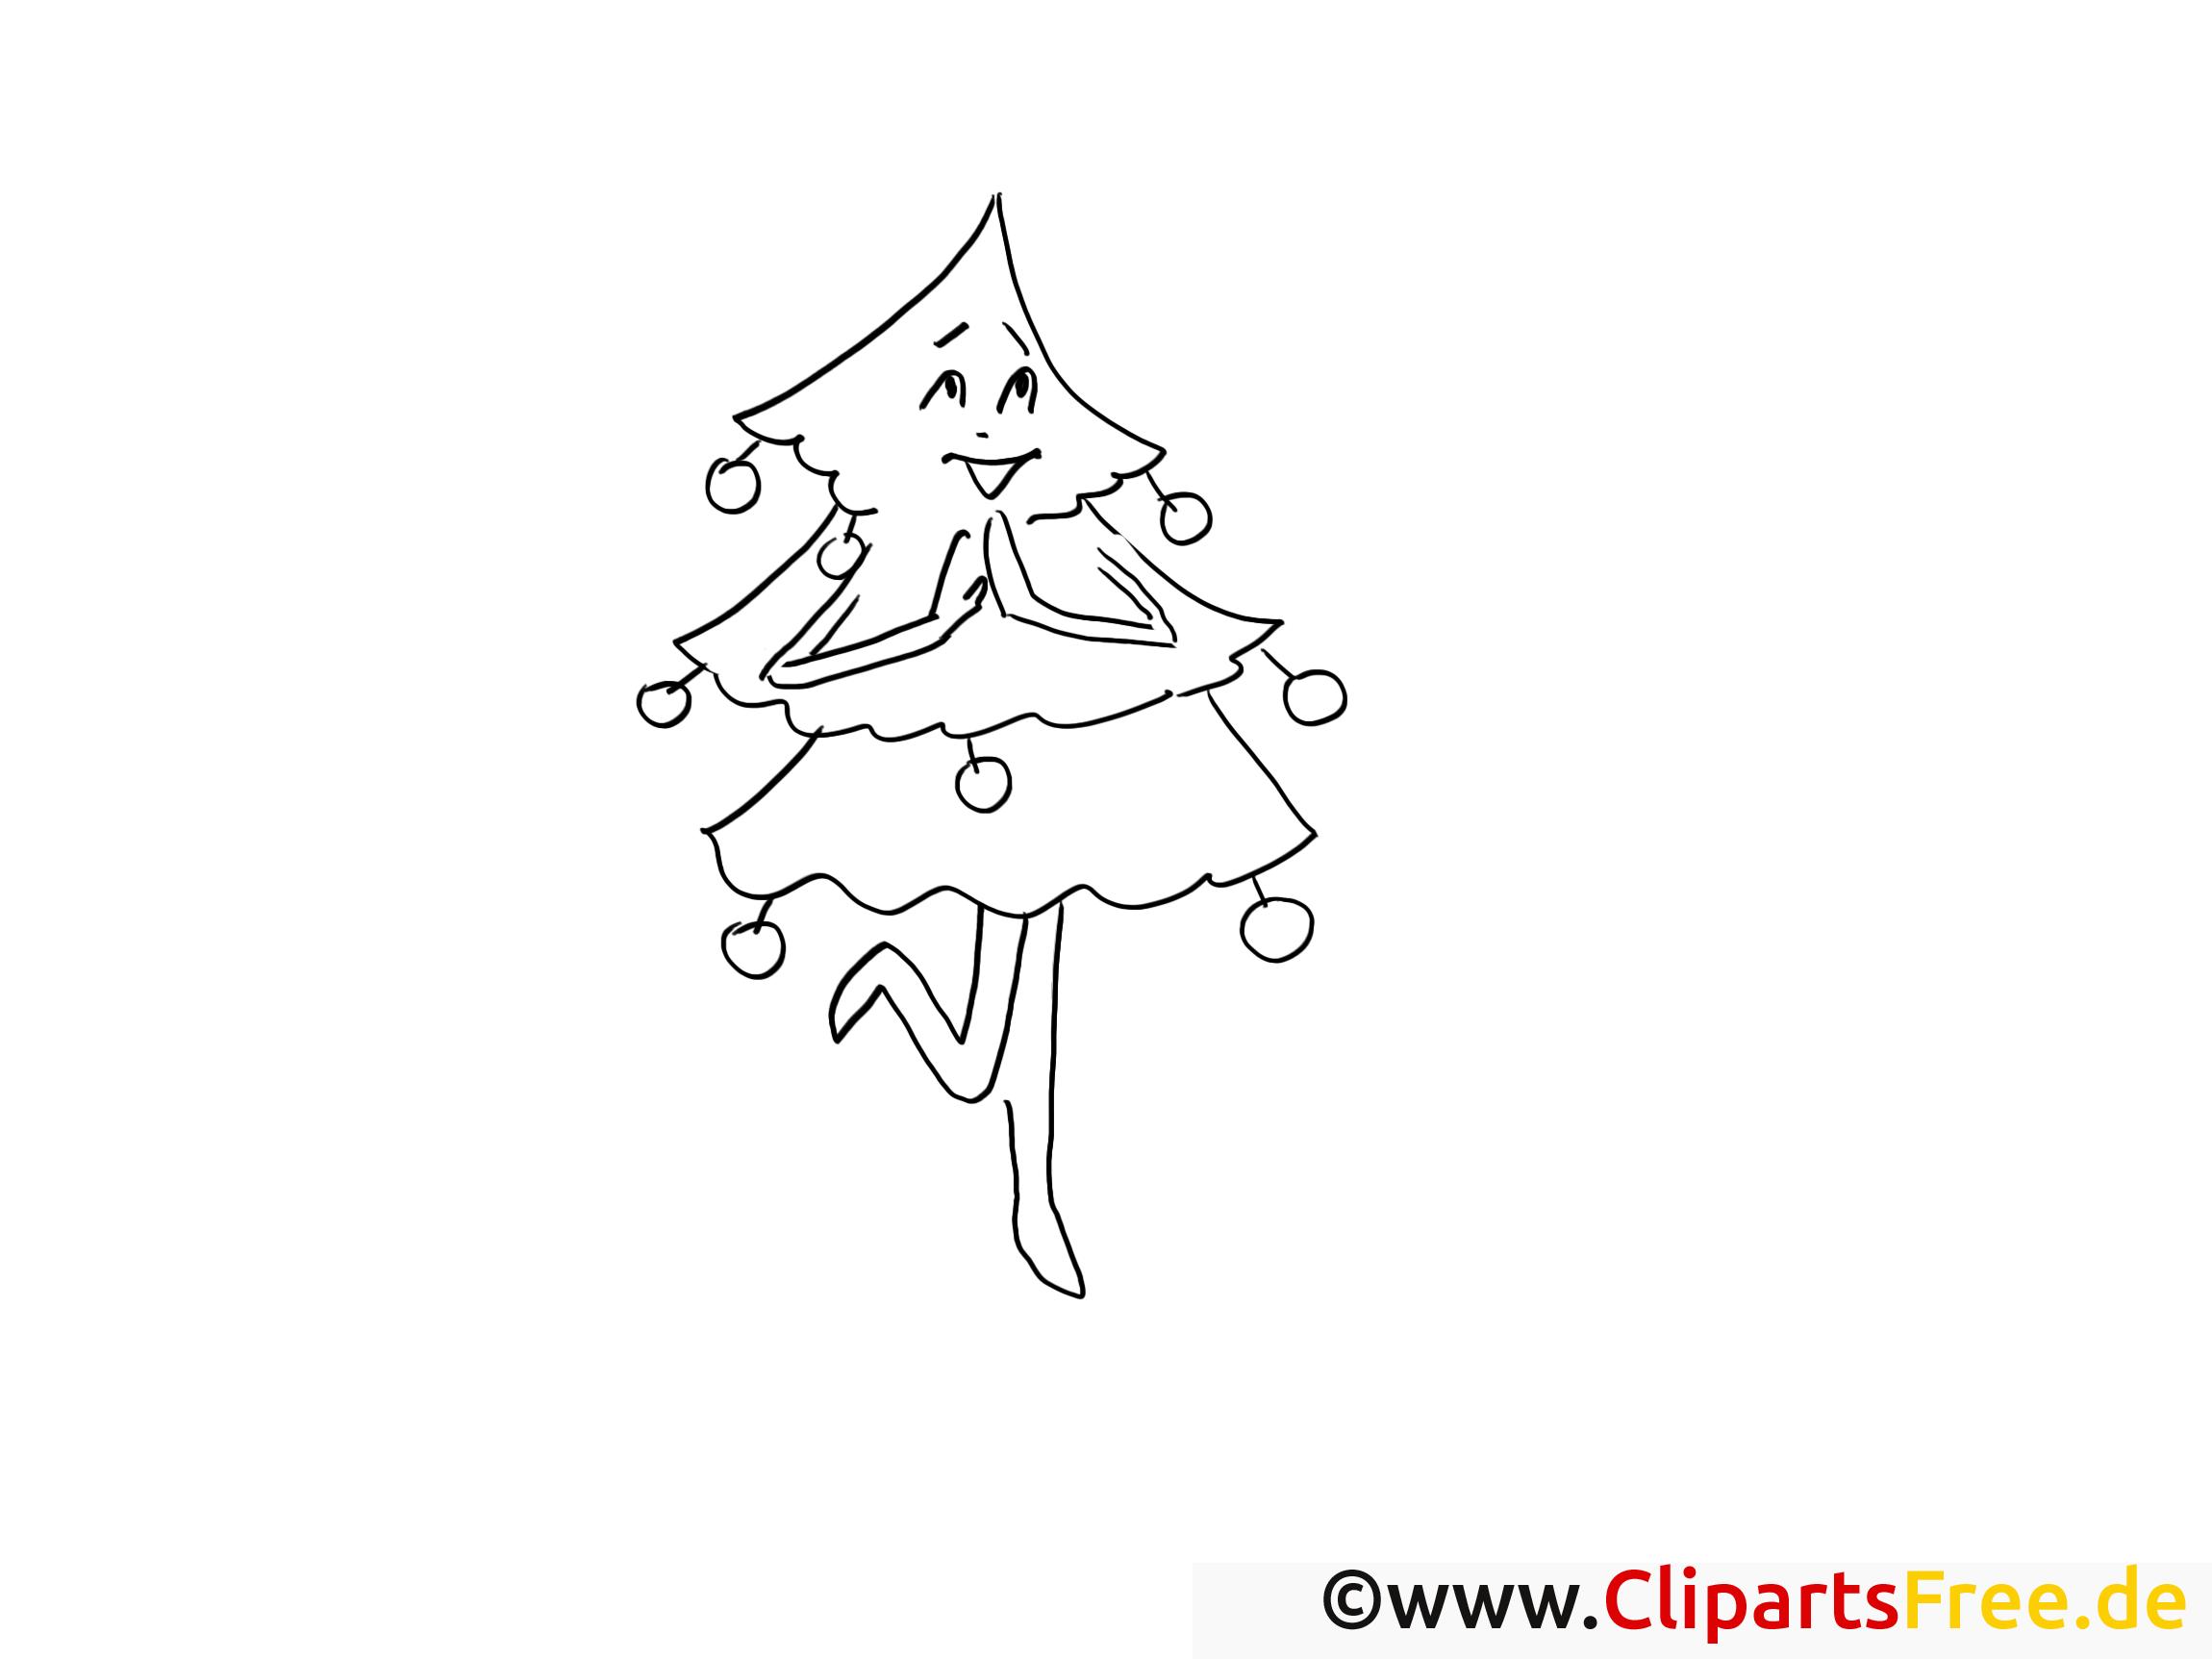 tanzender tannenbaum ausmalbilder gratis für kinder